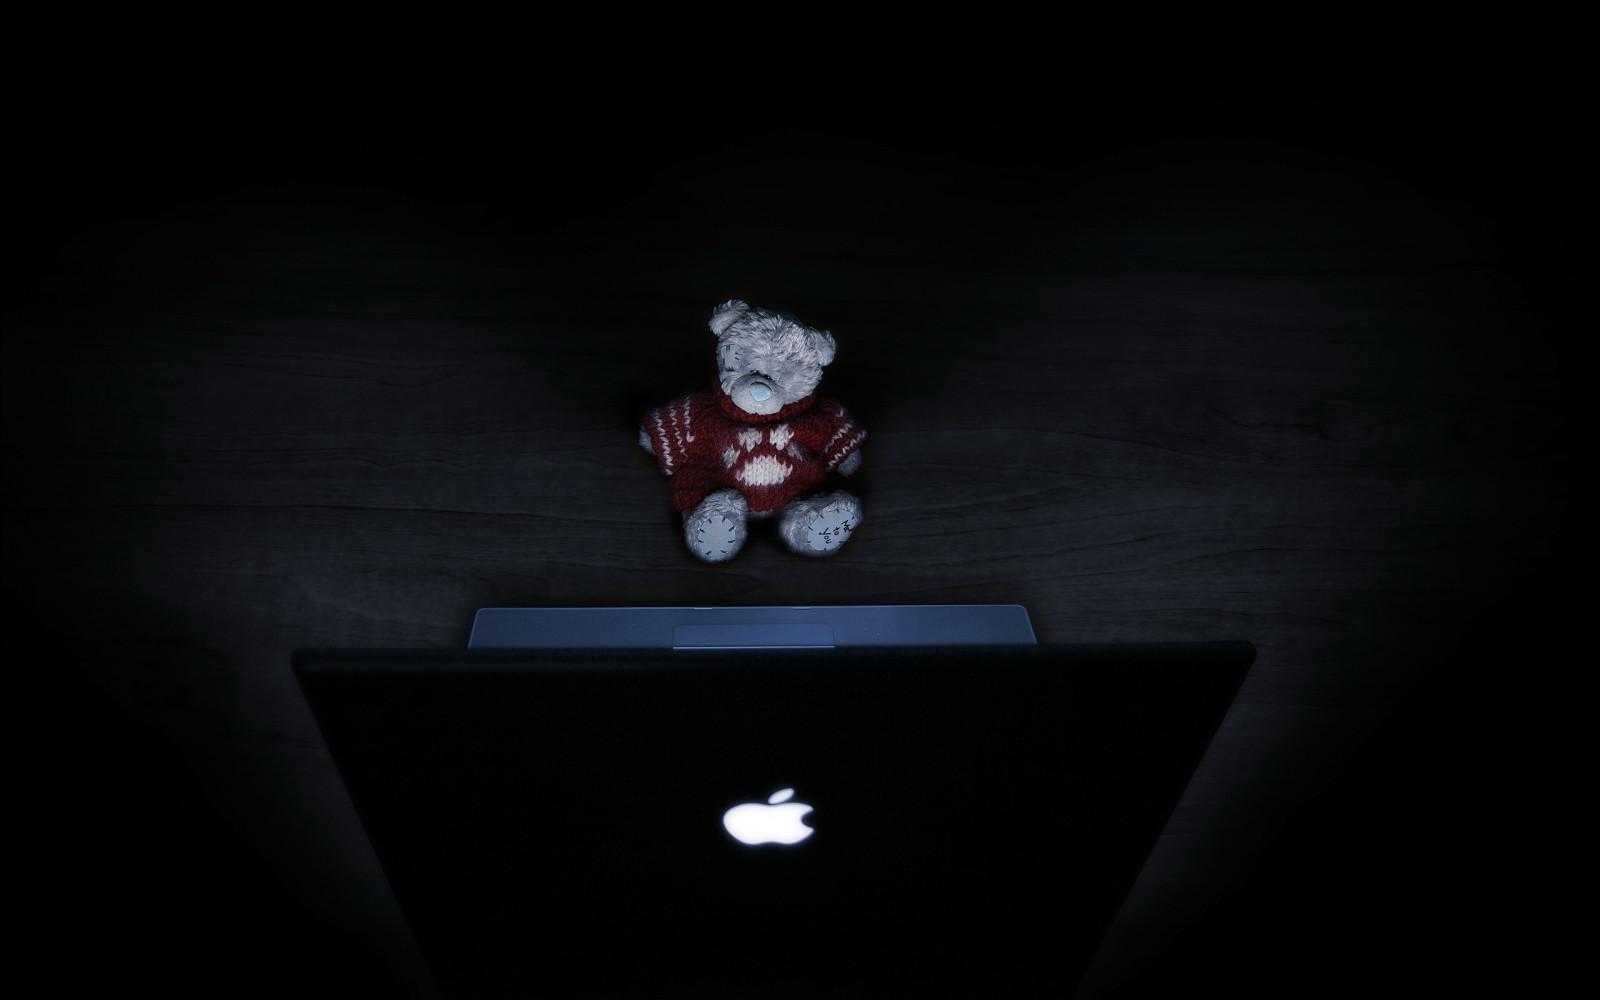 デスクトップ壁紙 黒 夜 スペース 赤 コンピューター 光 林檎 闇 マック コンピュータの壁紙 マクロ撮影 静物写真 テディベア 2560x1600 Coolwallpapers デスクトップ壁紙 Wallhere